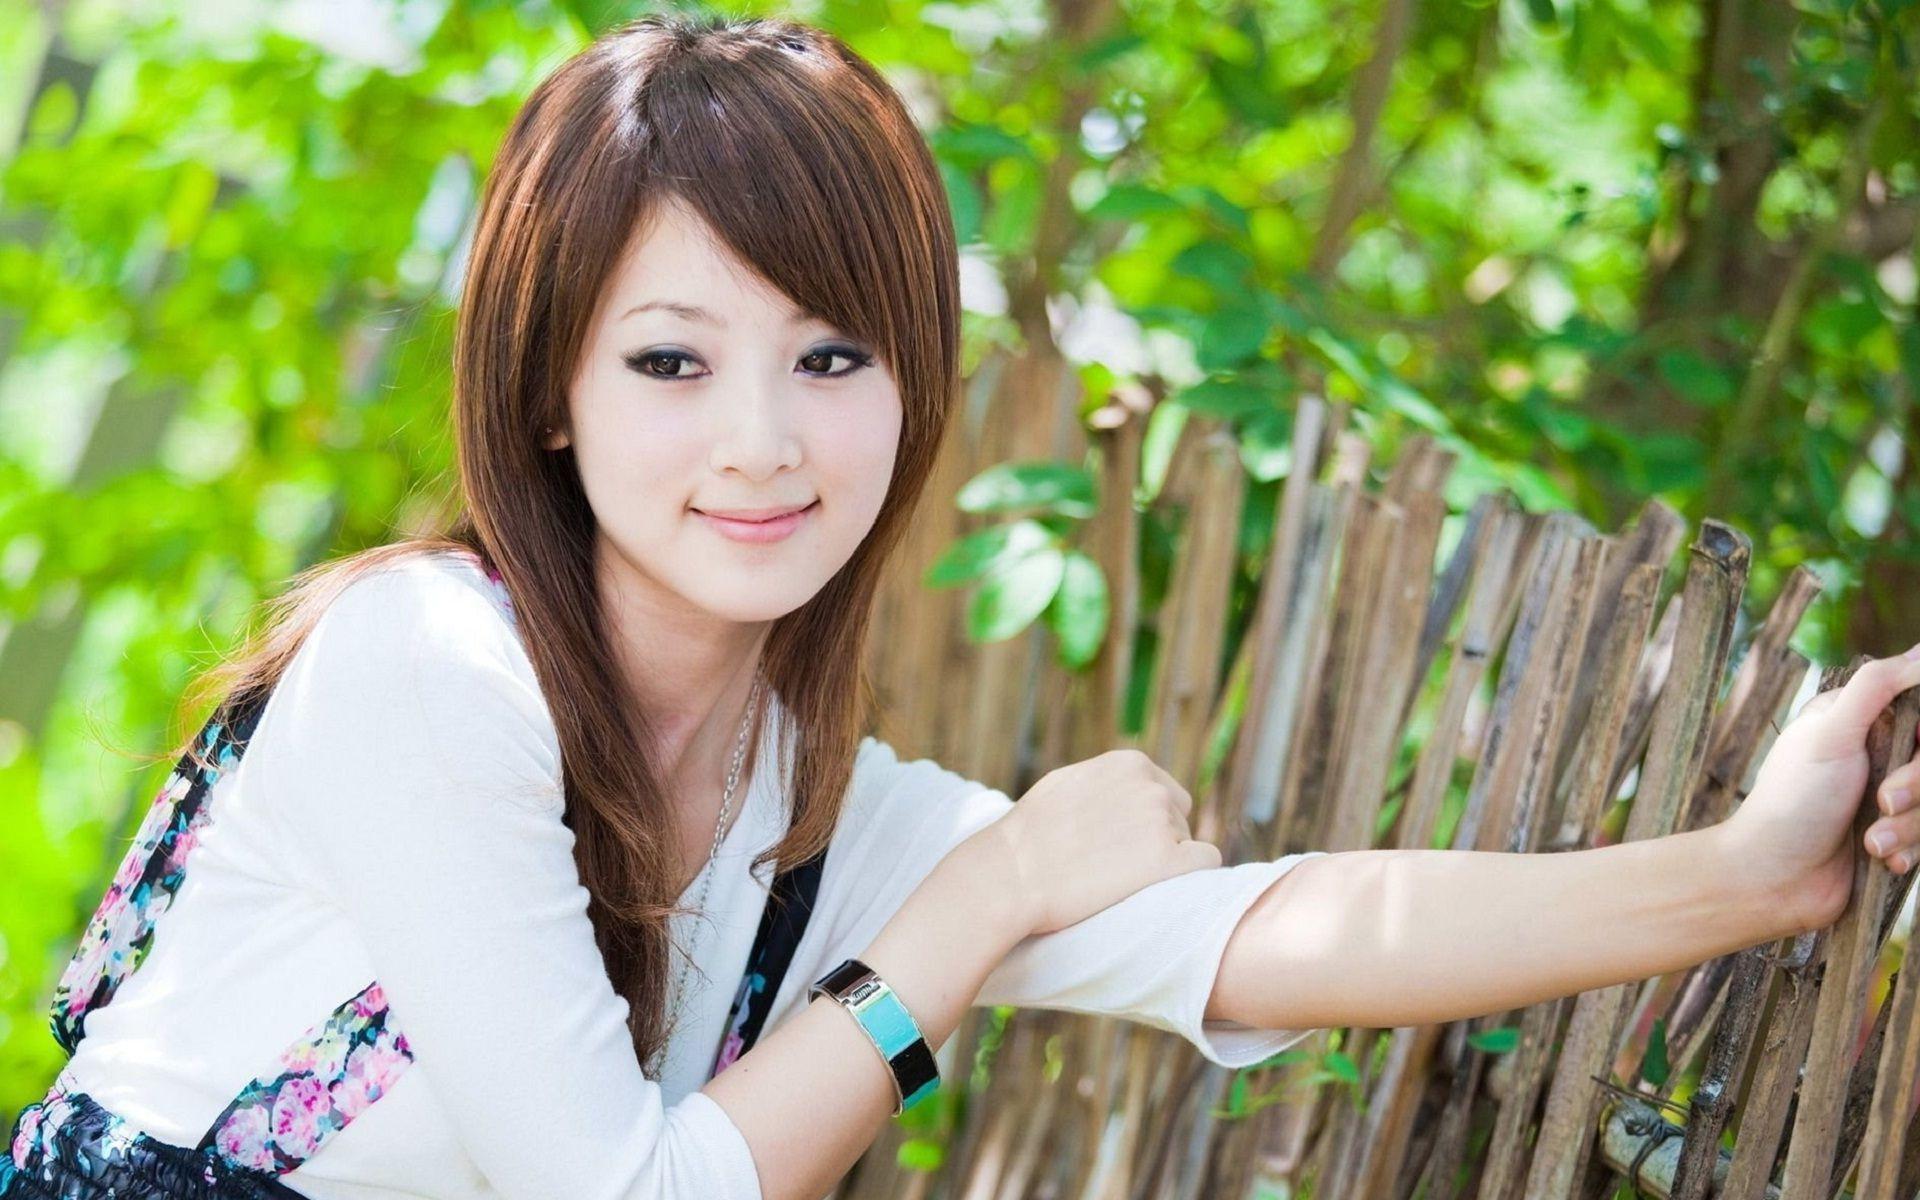 Cute oriental girls hot girls wallpaper